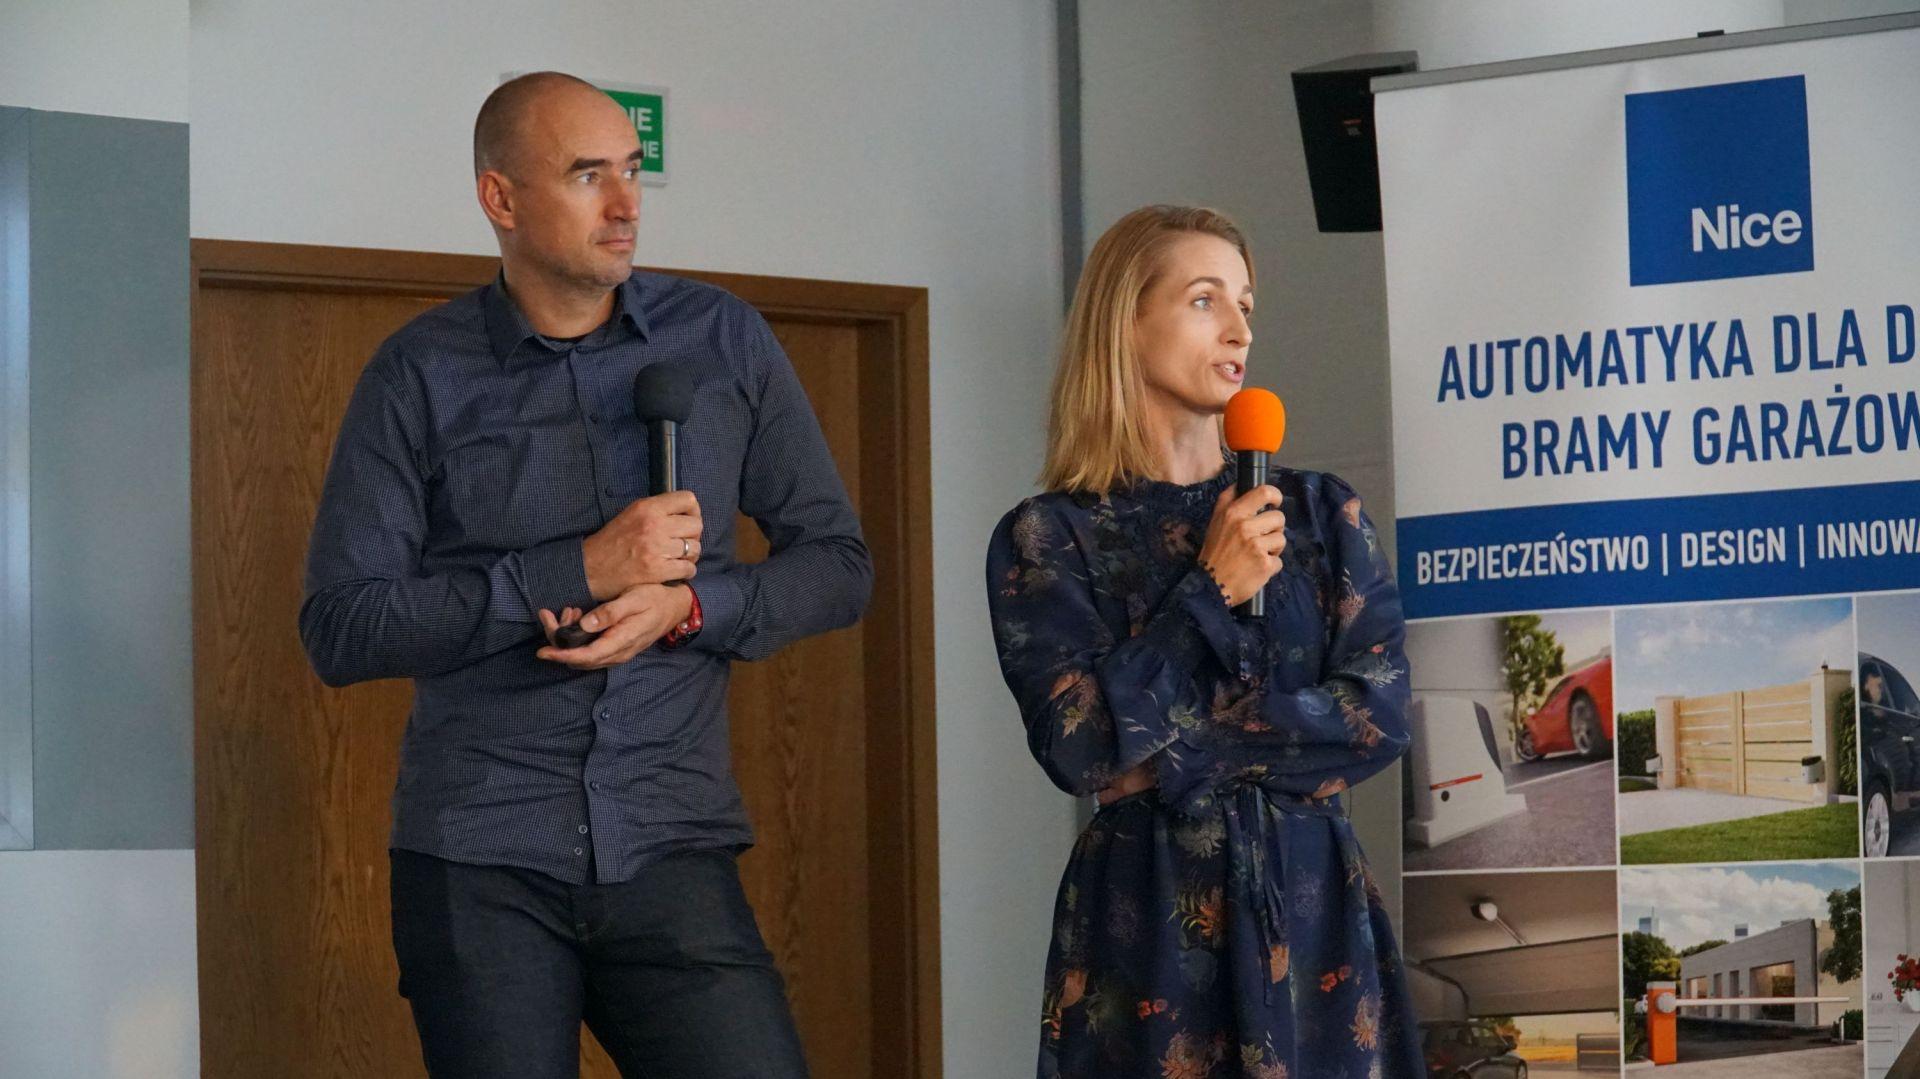 Studio Dobrych Rozwiązań w Warszawie 26 września 2018. Monika i Adam Bronikowscy - goście specjalni